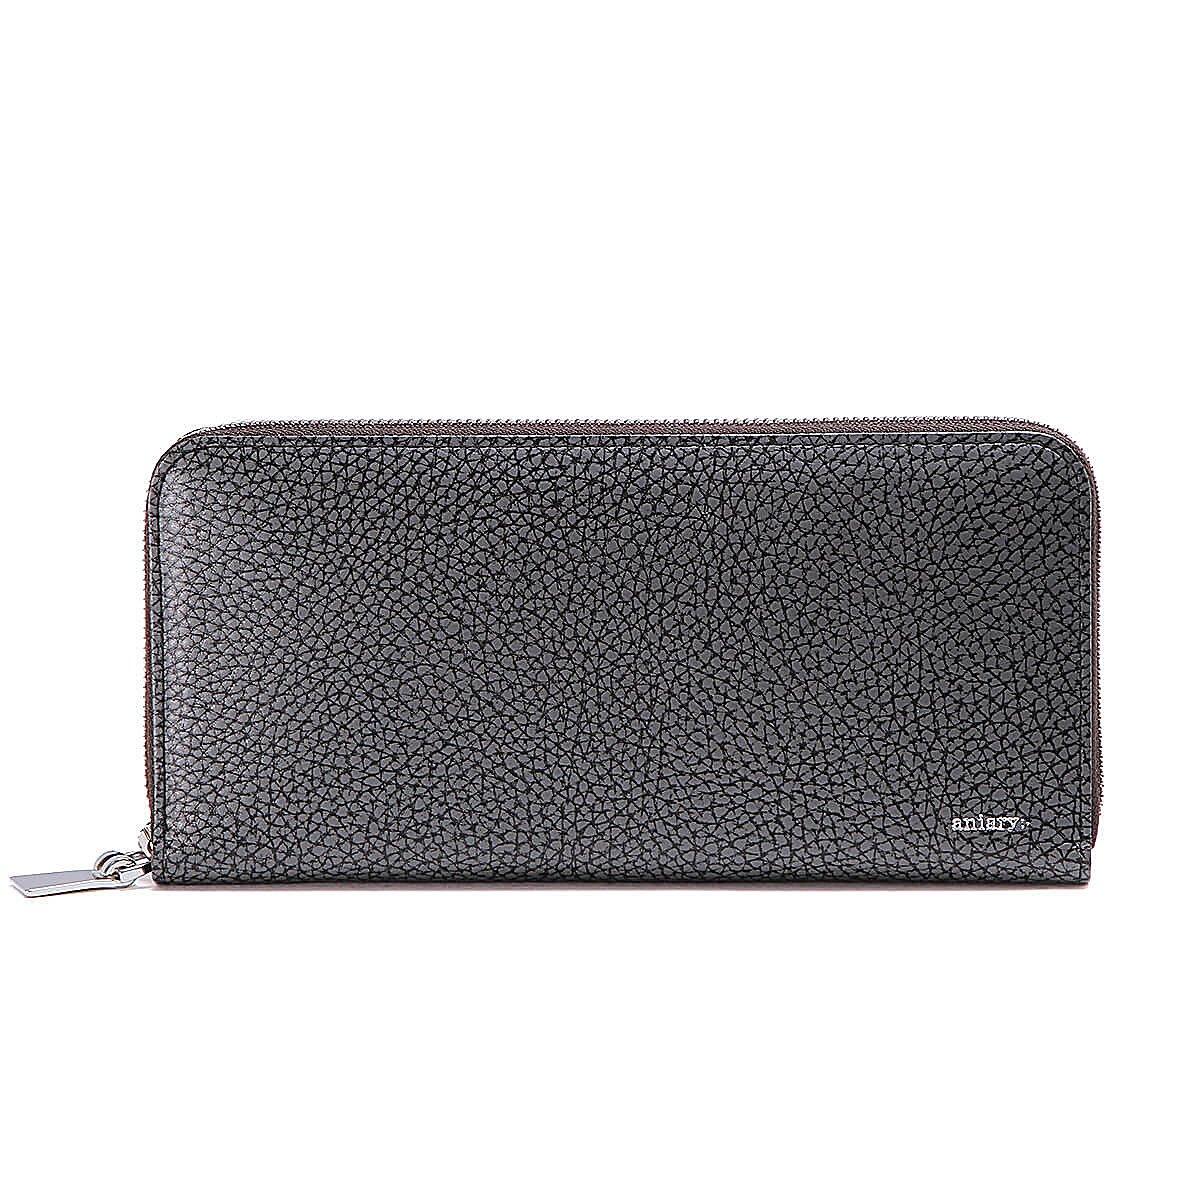 アニアリ 長財布 ラウンドL Zip Bill Holder Grind Leather 15-20003 B07DT3WZY8 ブラック ブラック